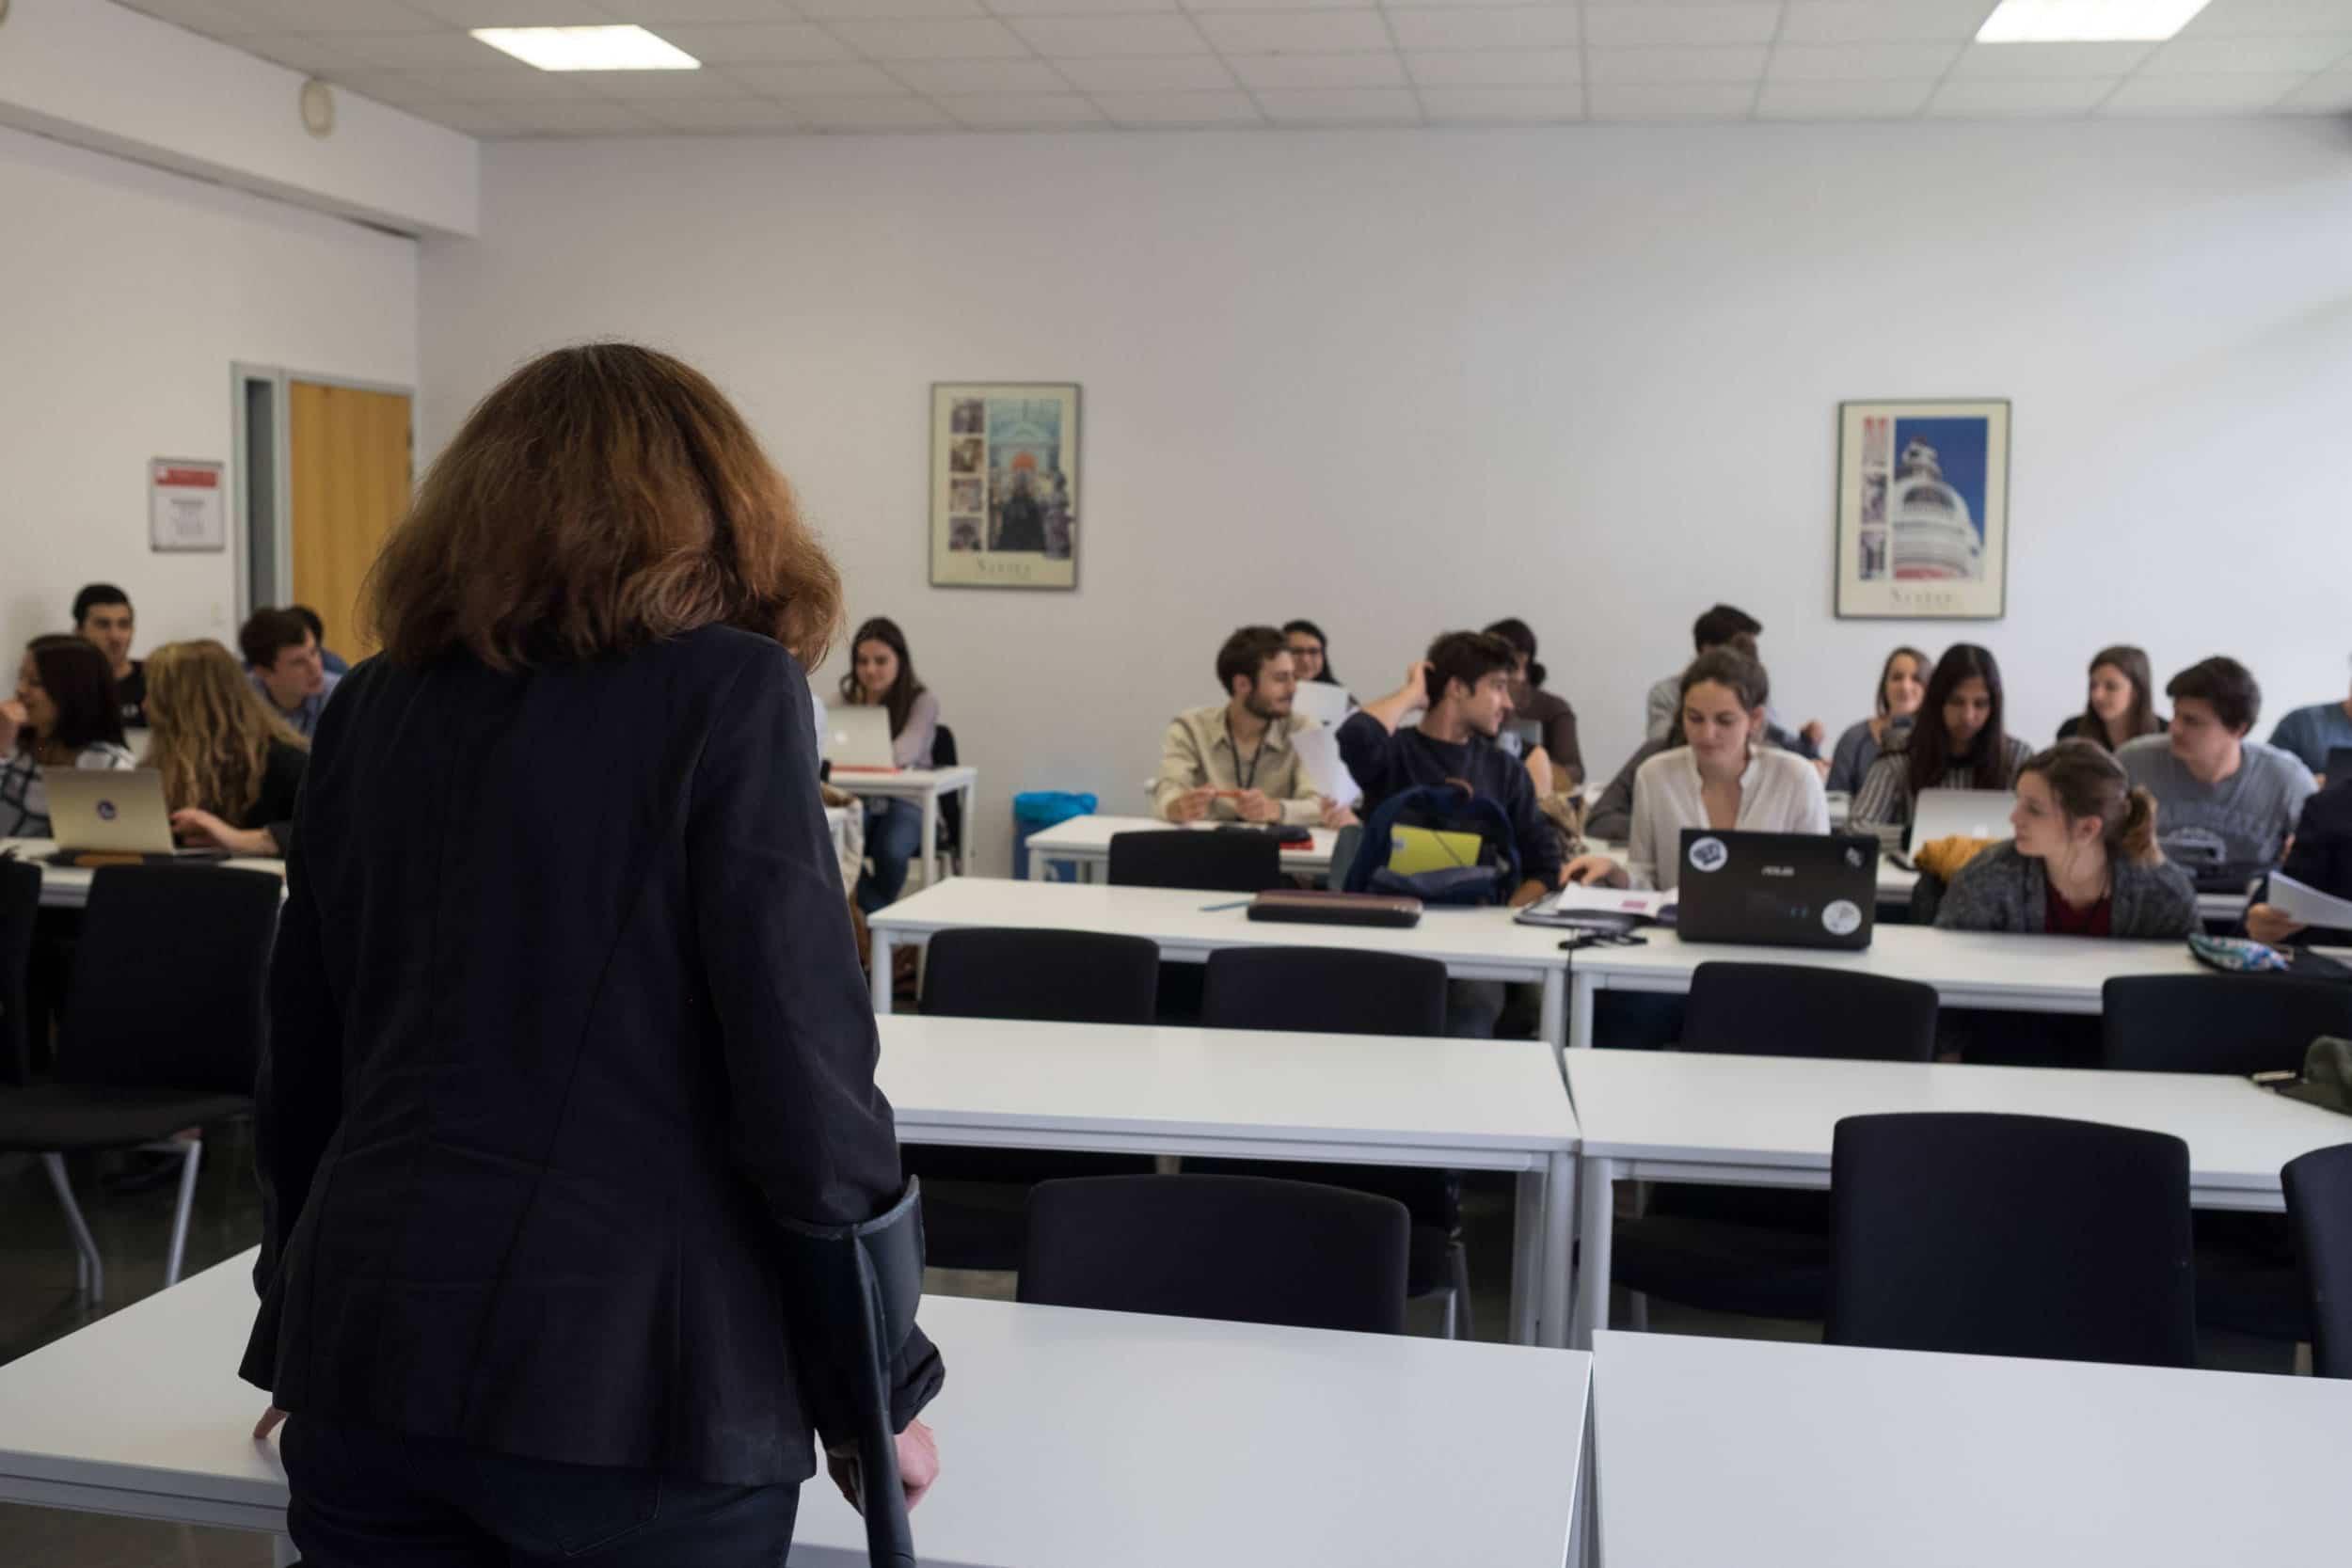 Delphine, vue de dos, donne un cours à ses élèves regroupés en face